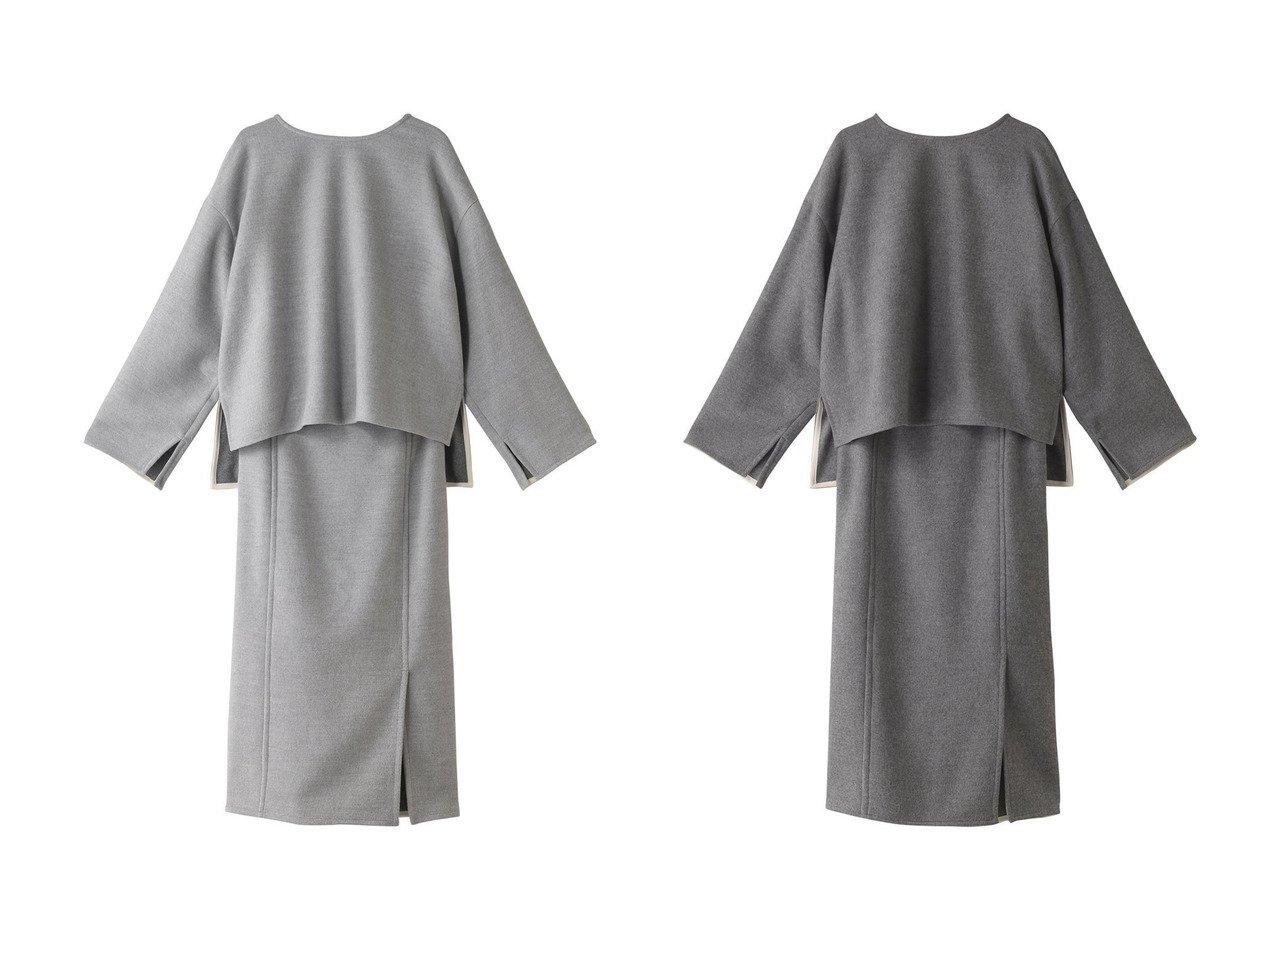 【Whim Gazette/ウィムガゼット】のダブルフェイスセットアップ ワンピース・ドレスのおすすめ!人気、トレンド・レディースファッションの通販 おすすめで人気の流行・トレンド、ファッションの通販商品 メンズファッション・キッズファッション・インテリア・家具・レディースファッション・服の通販 founy(ファニー) https://founy.com/ ファッション Fashion レディースファッション WOMEN セットアップ Setup パンツ Pants シンプル セットアップ ダブル バランス フェイス フォルム  ID:crp329100000011939